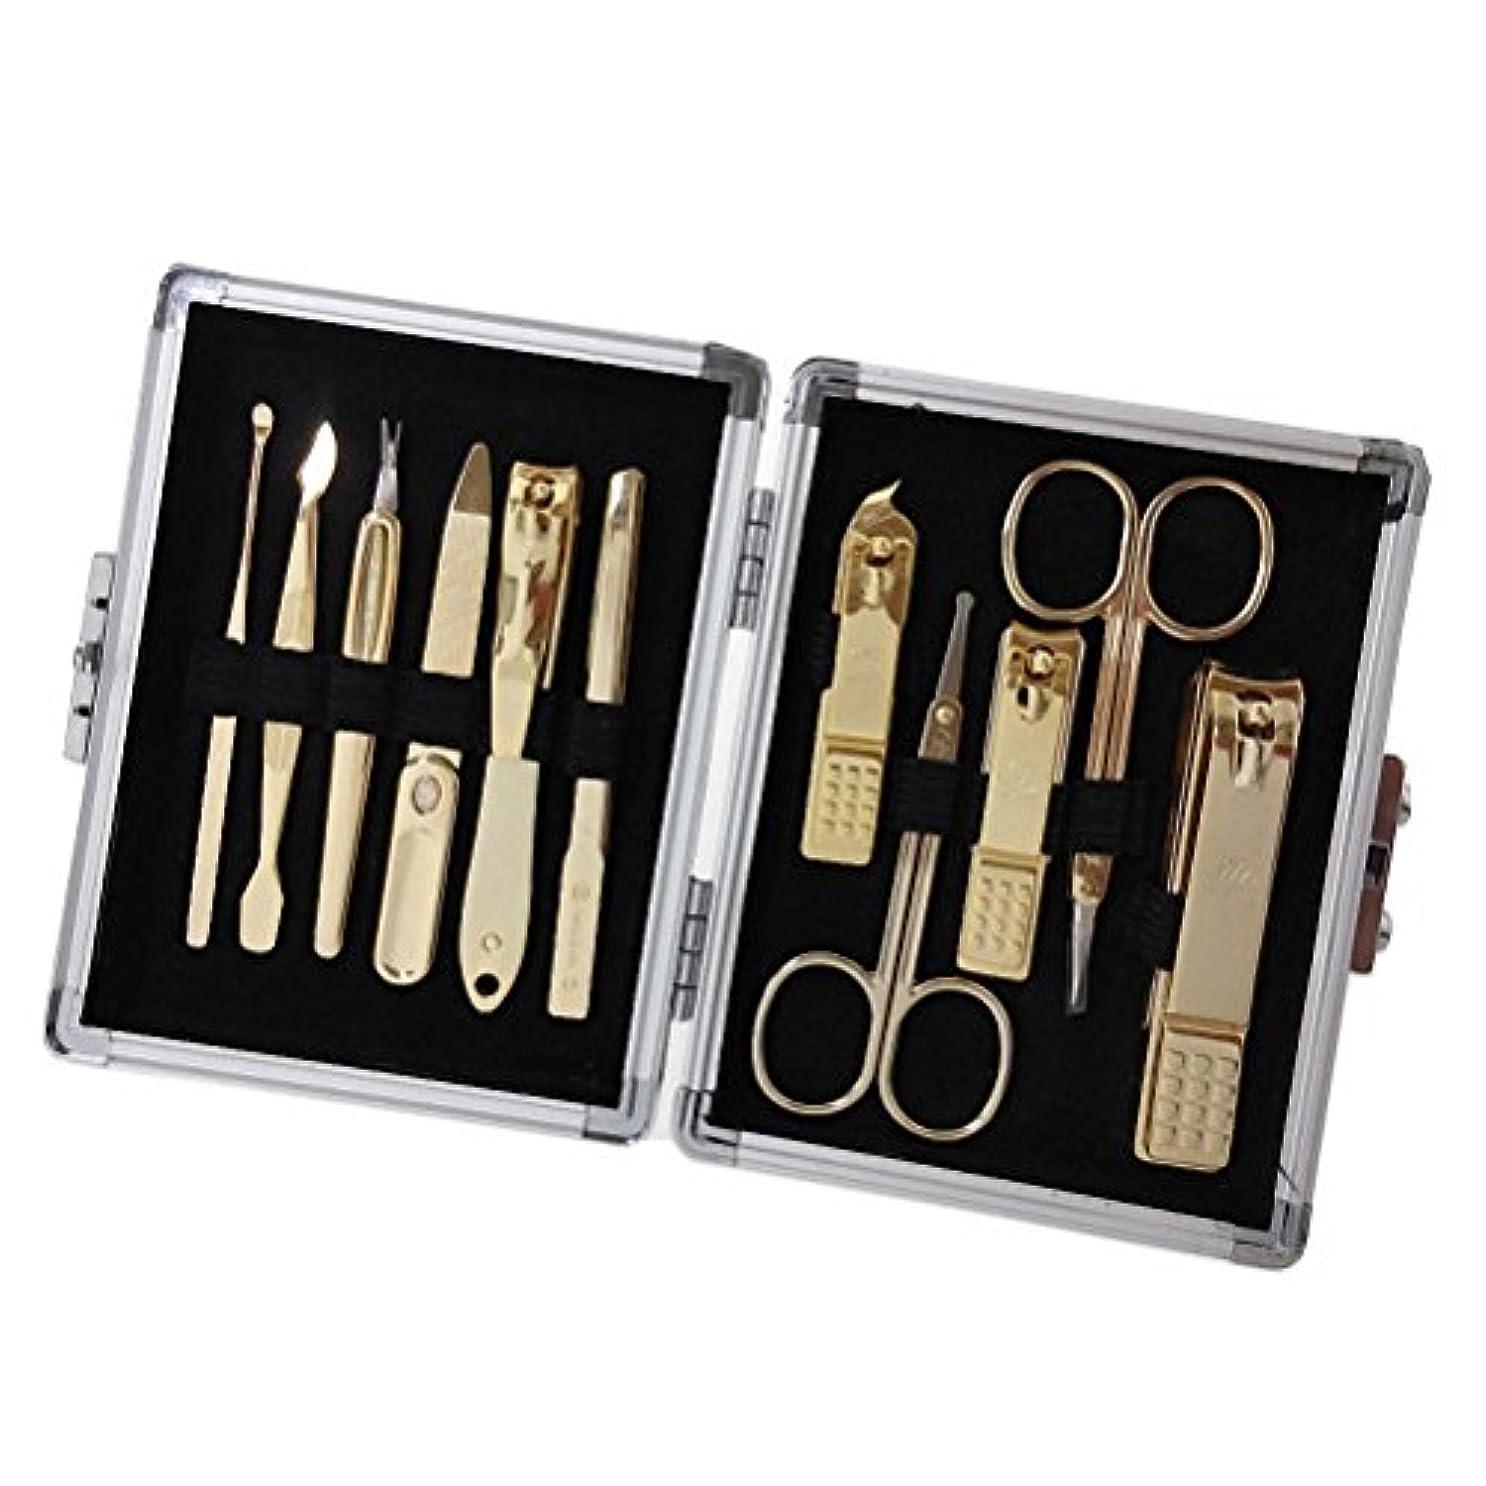 プロポーショナルもっと増幅する【 三セブン】THREE SEVEN TS-16000 Manicure Set in Aluminum Case 三セブンアルミケースのTS 16000マニキュア セット (2.Gold_Silver1) [並行輸入品]